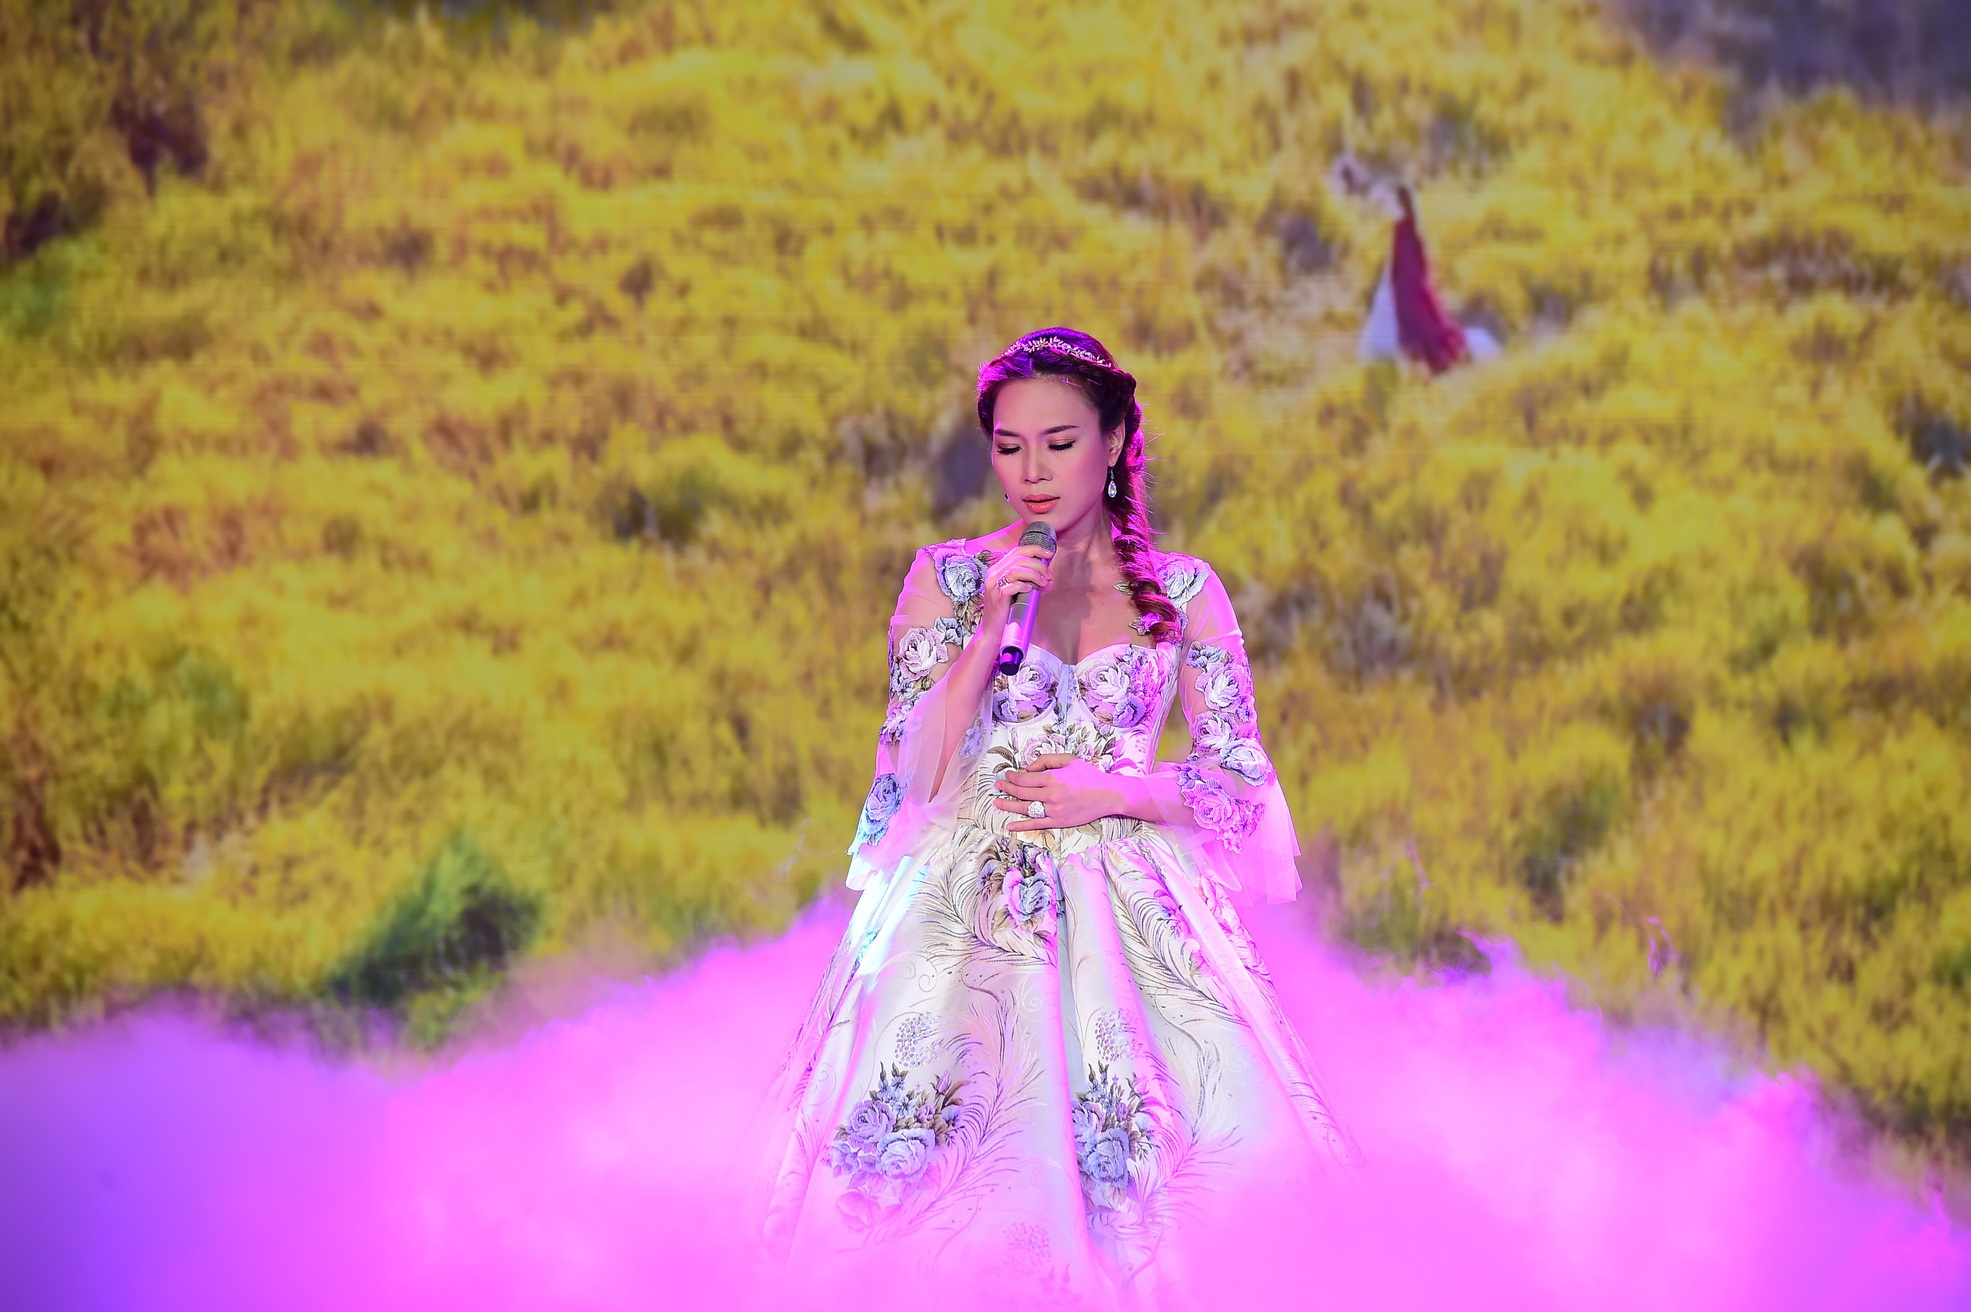 Nữ ca sĩ Mỹ Tâm xinh như công chúa xuất hiện trong chương trình biểu diễn ca khúc Đôi mắt màu xanh vừa được ra mắt gần đây.